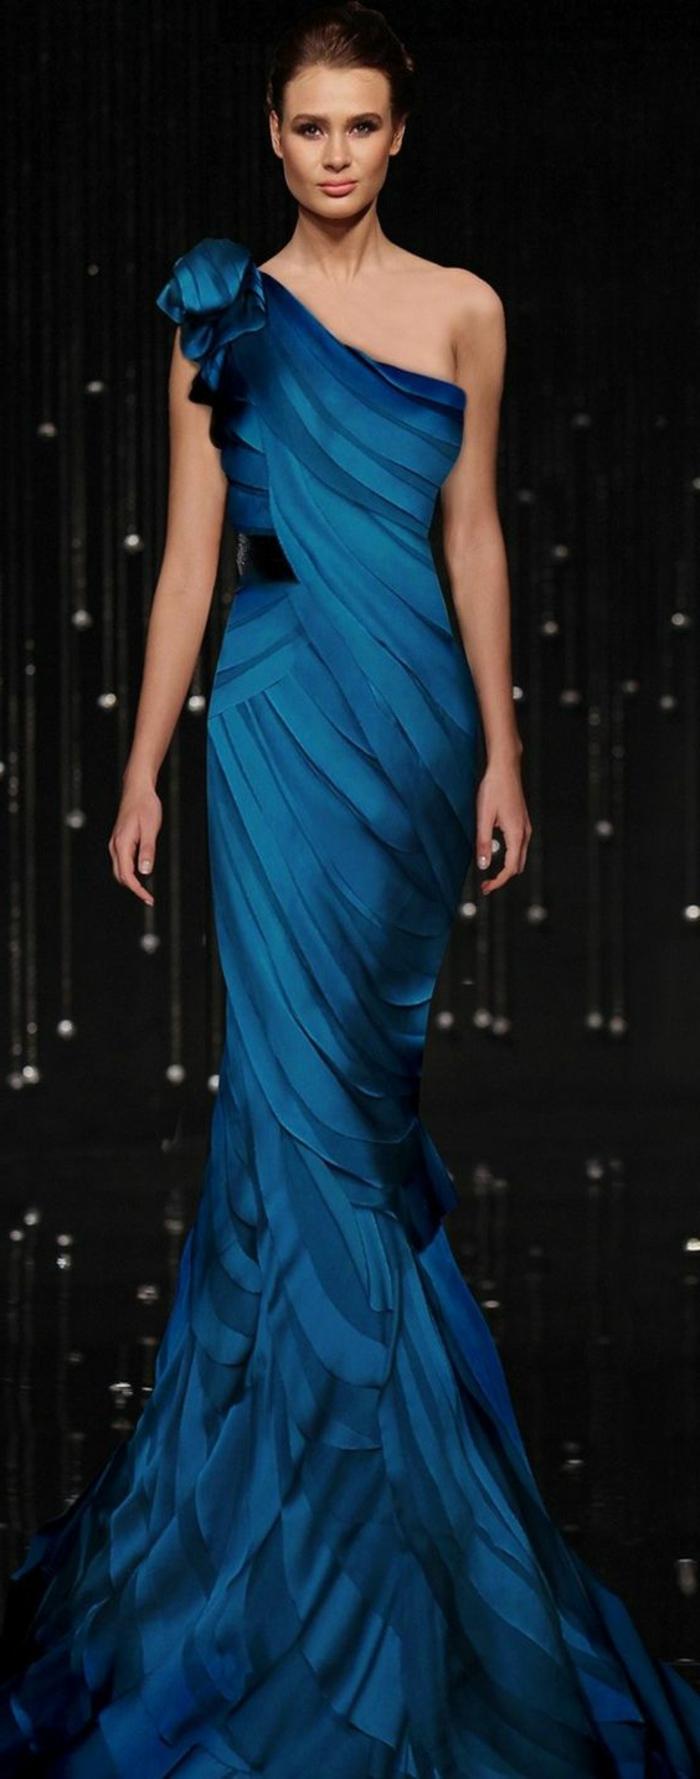 robe soirée pour une silhouette élancée avec une épaule effet drapé couleur intense